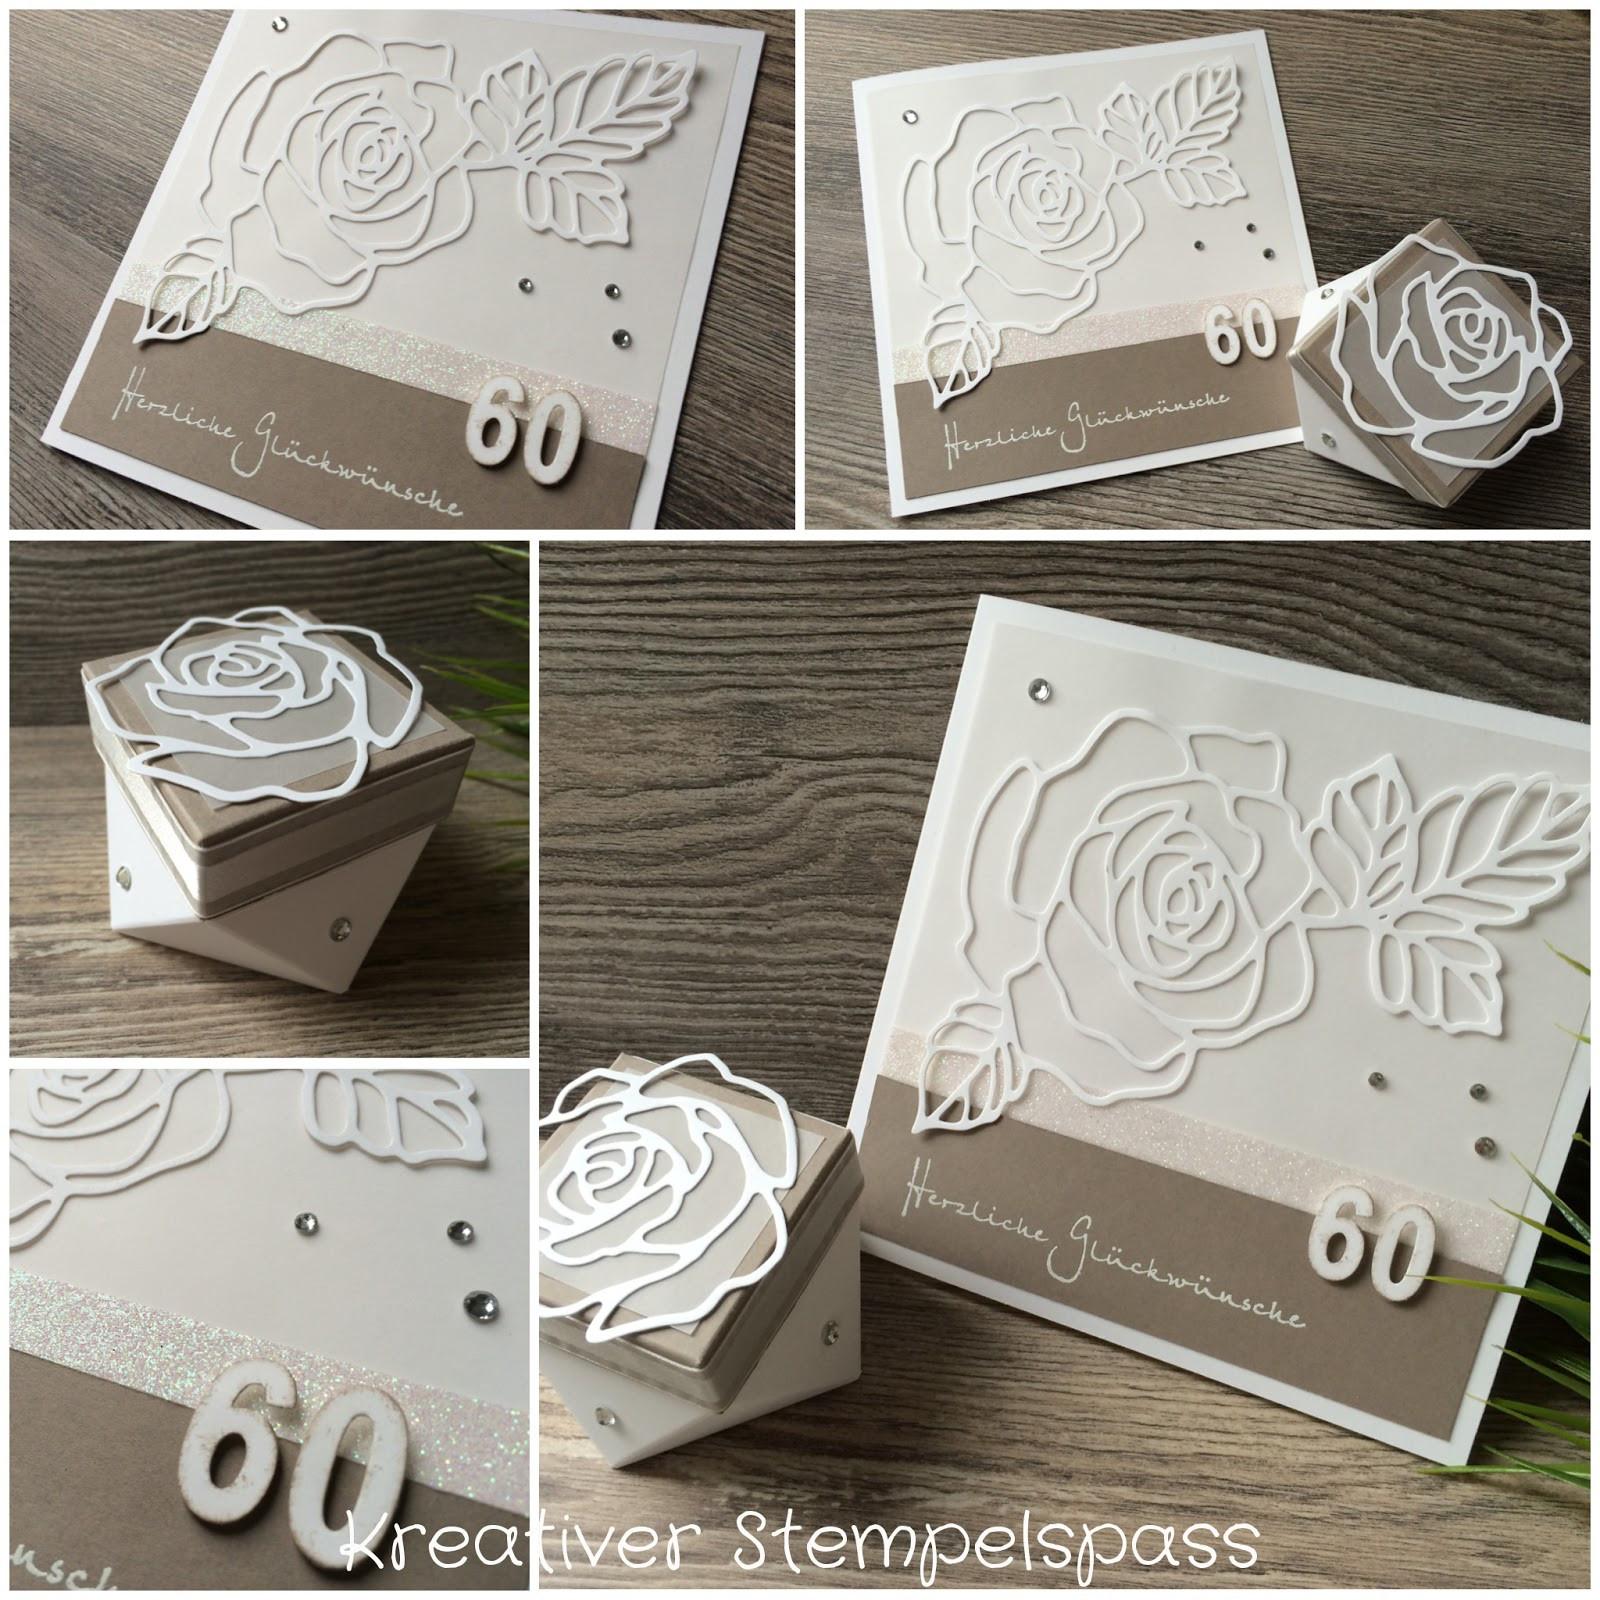 Hochzeit Wünsche Karte  Kreativer Stempelspaß Diamantene Hochzeit